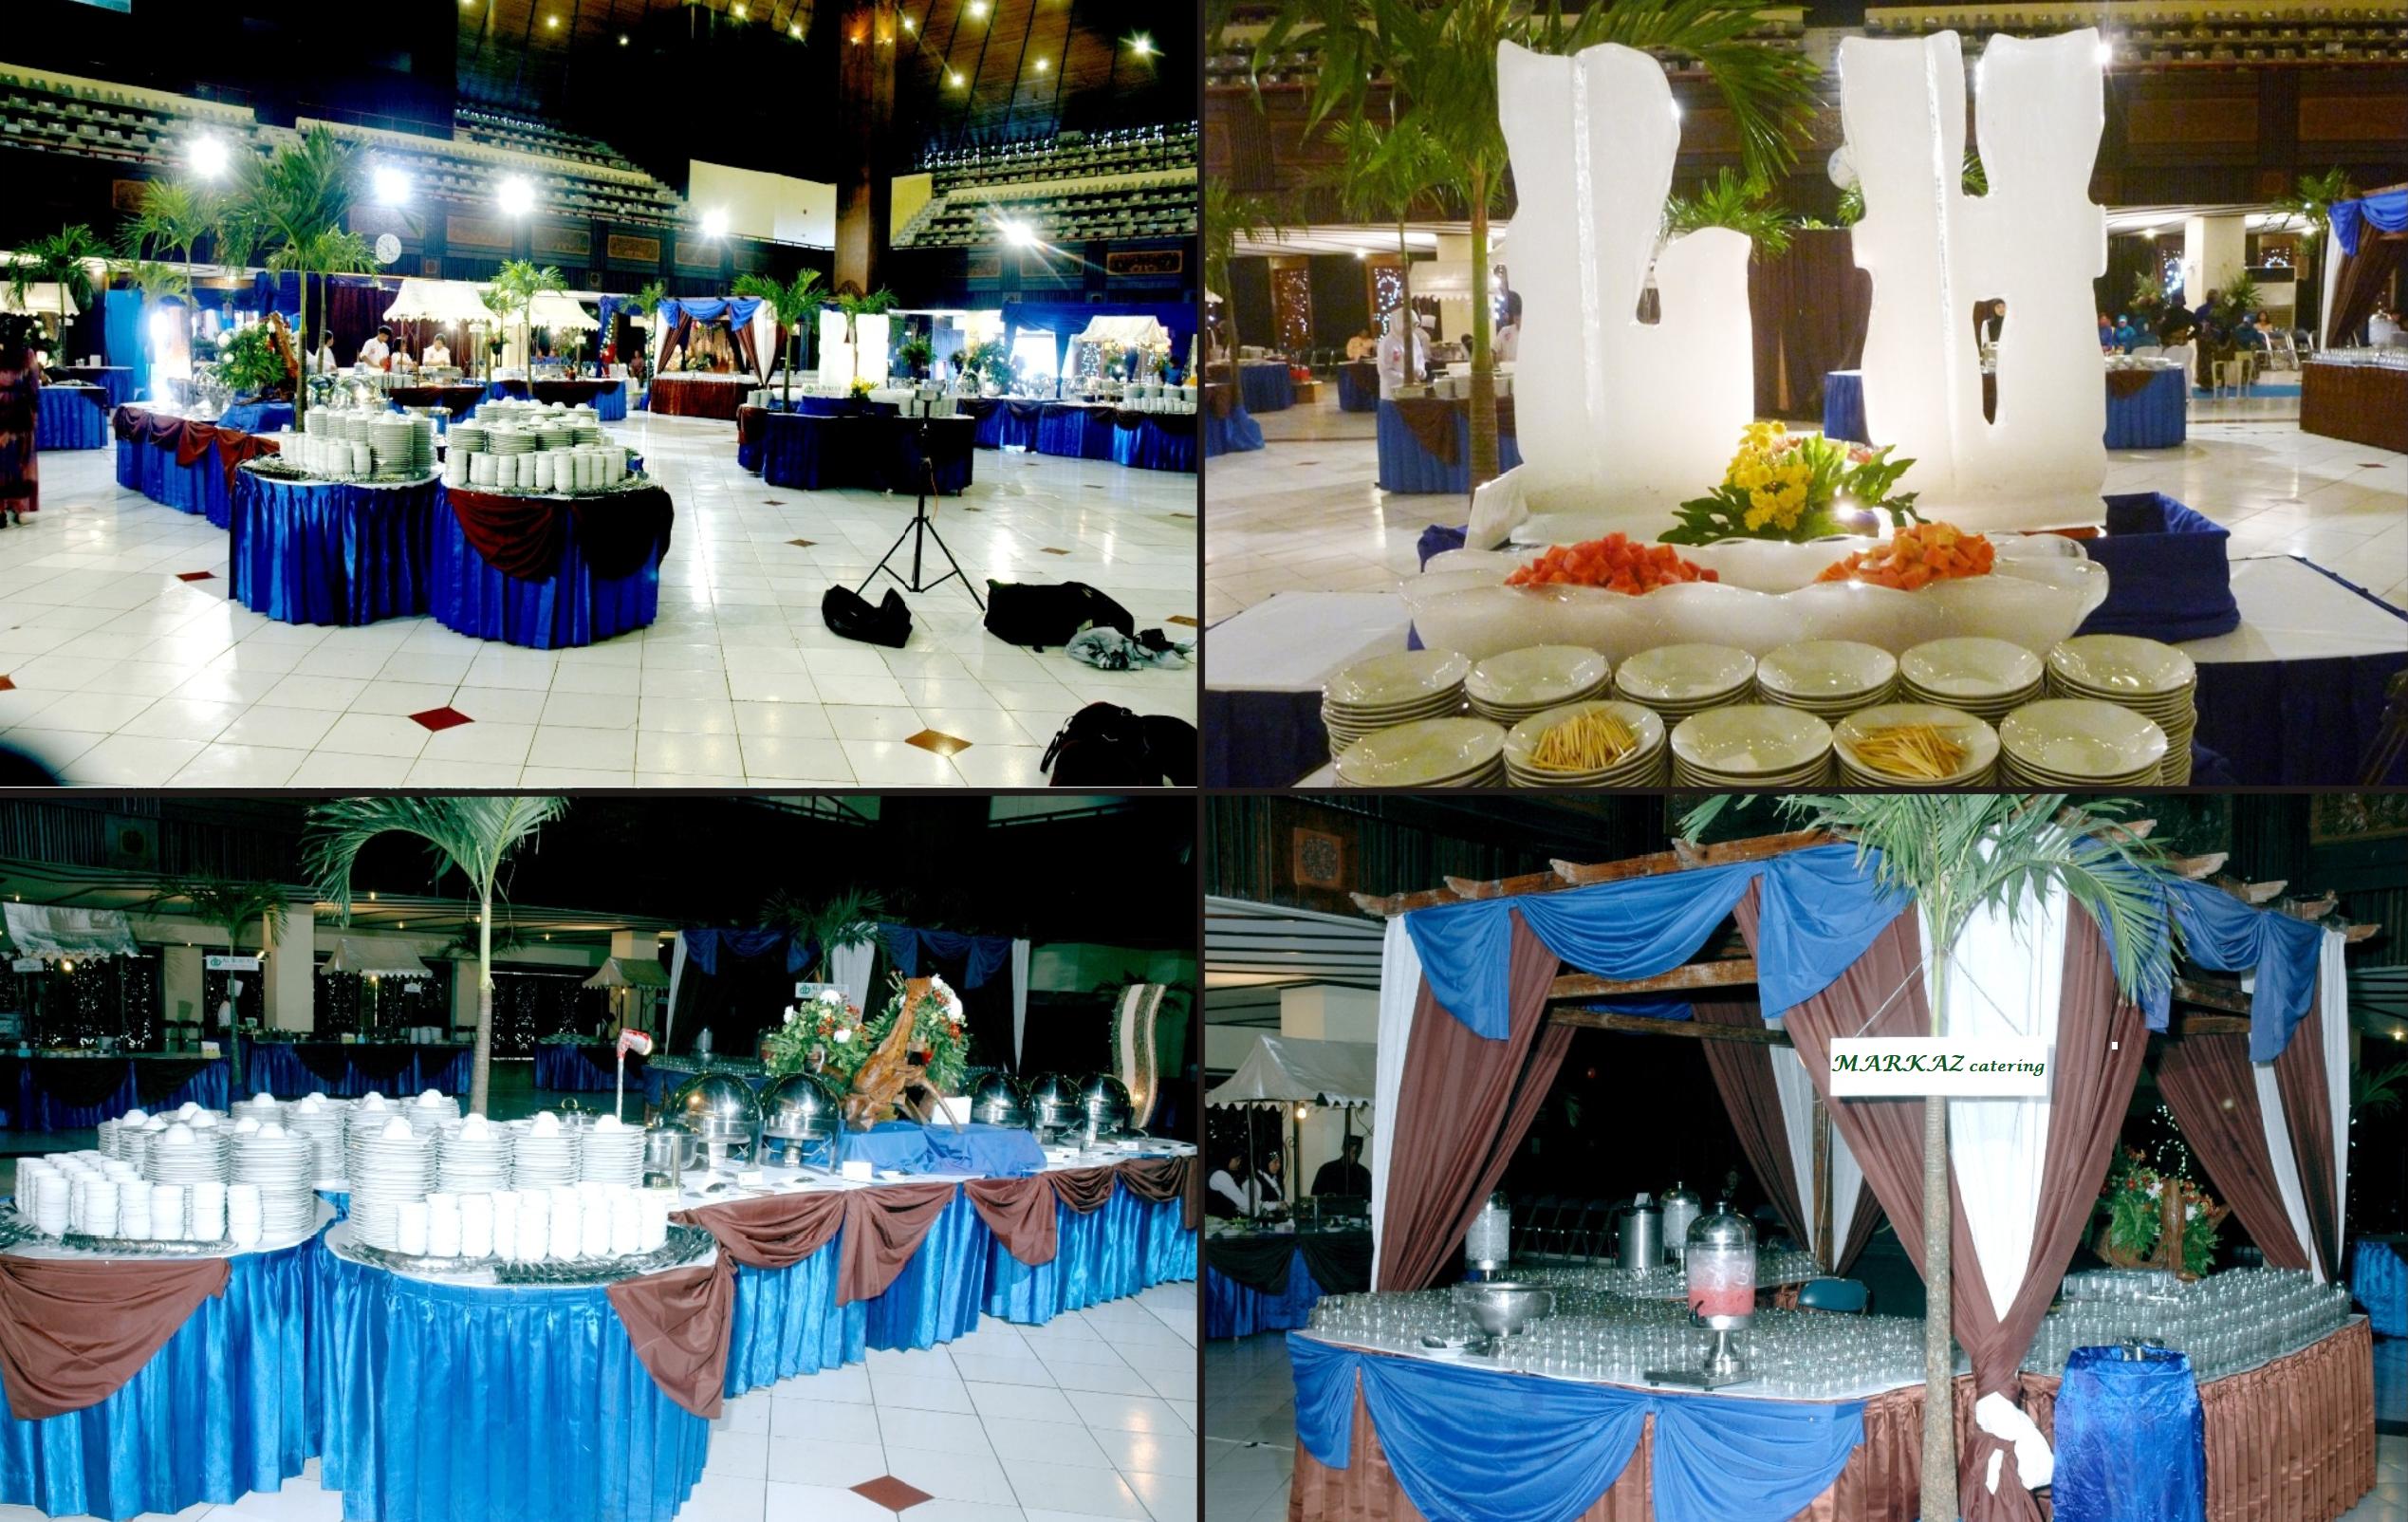 dekorasi Catering Murah Dan Enak Untuk Pernikahan